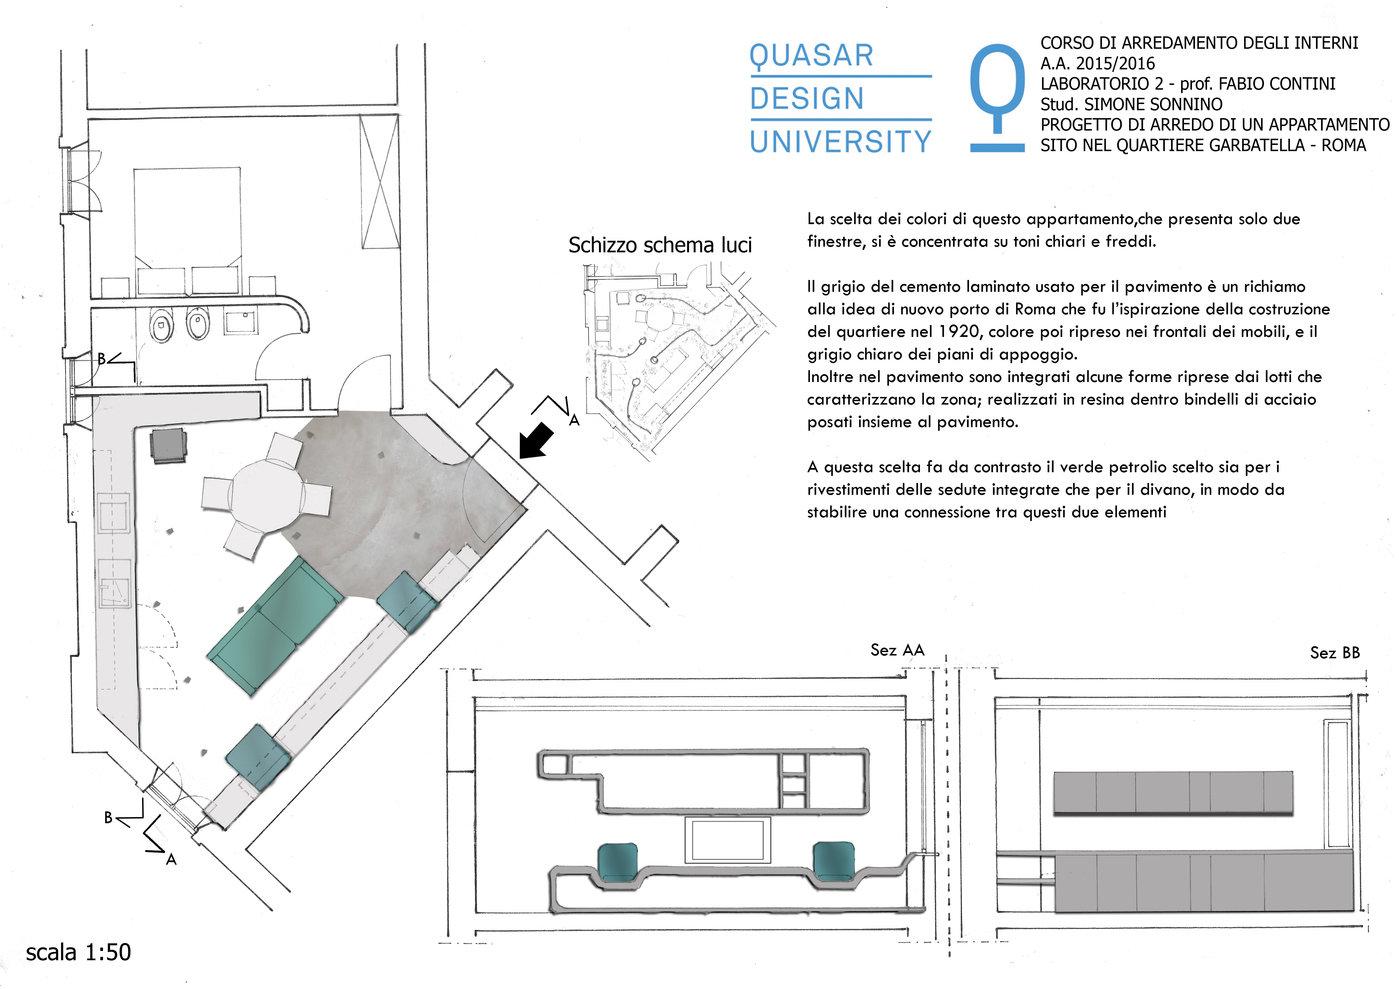 corso erogato in lingua italiana. Apartament Restoration In Garbatella Rome By Simone Sonnino At Coroflot Com